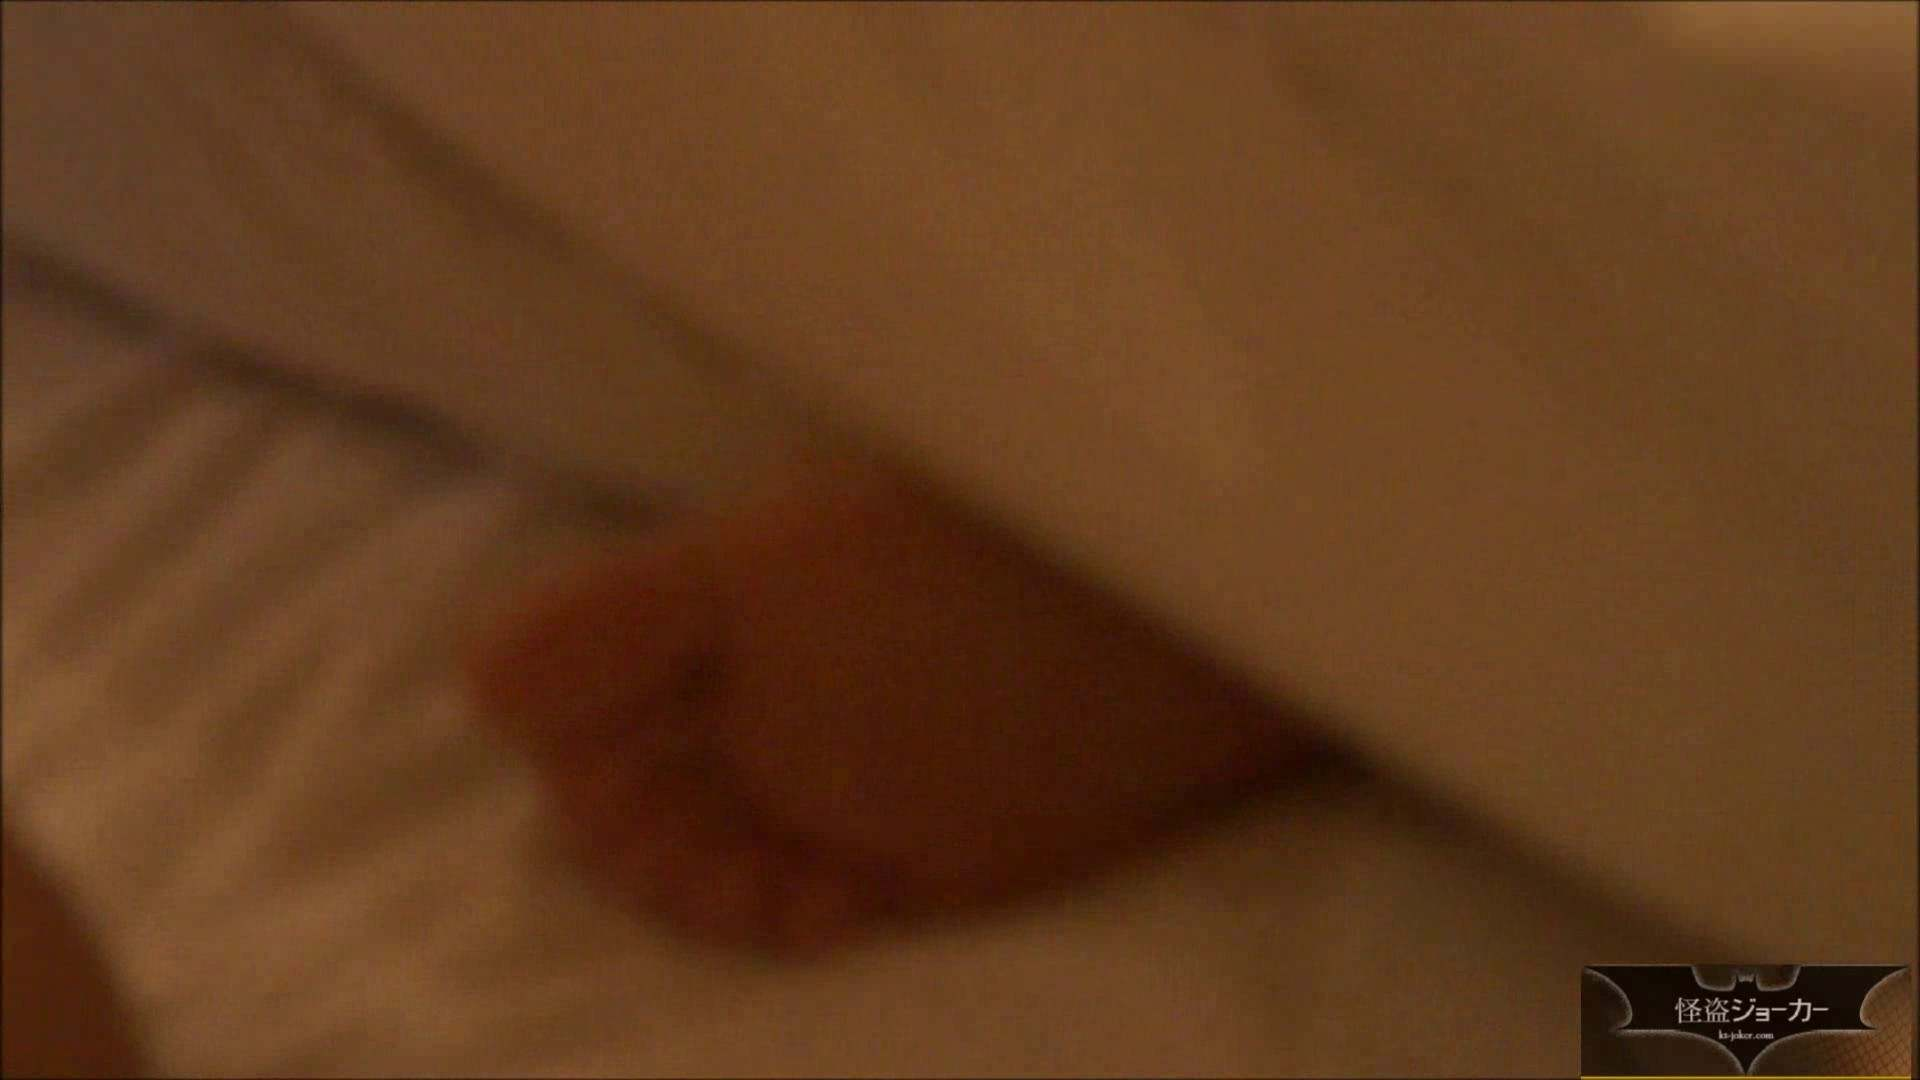 【未公開】vol.15 若ママ、絵美ちゃん・・・滴る母乳を吸い上げて。 母乳   丸見えマンコ  39画像 4